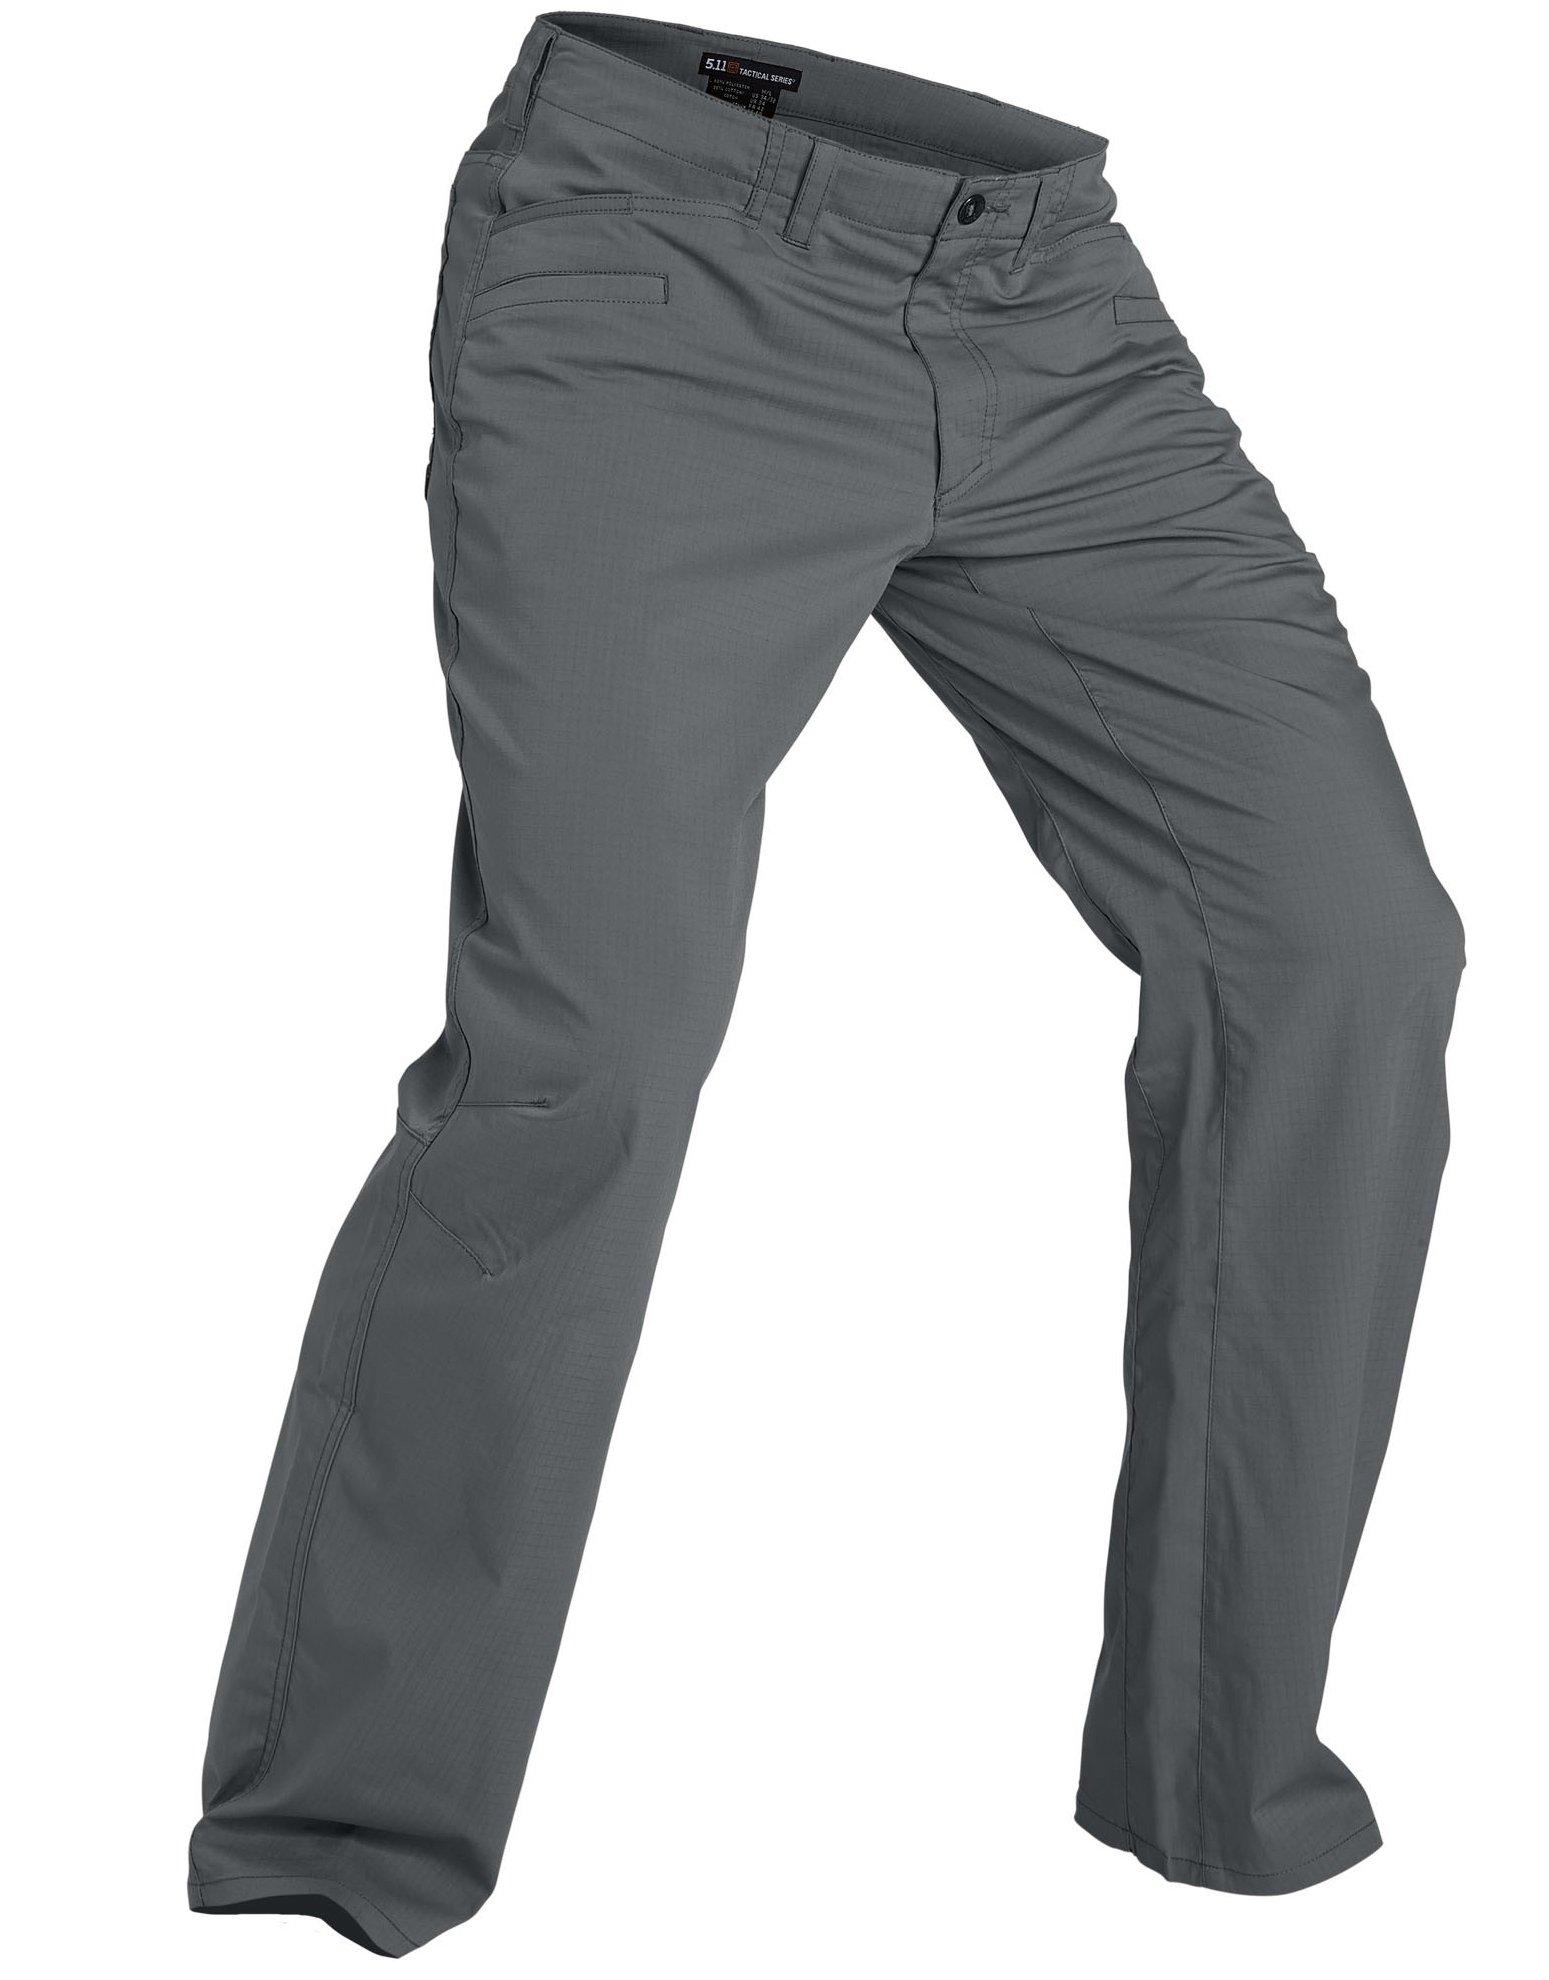 5.11 Tactical Ridgeline Pant,Storm,36Wx30L by 5.11